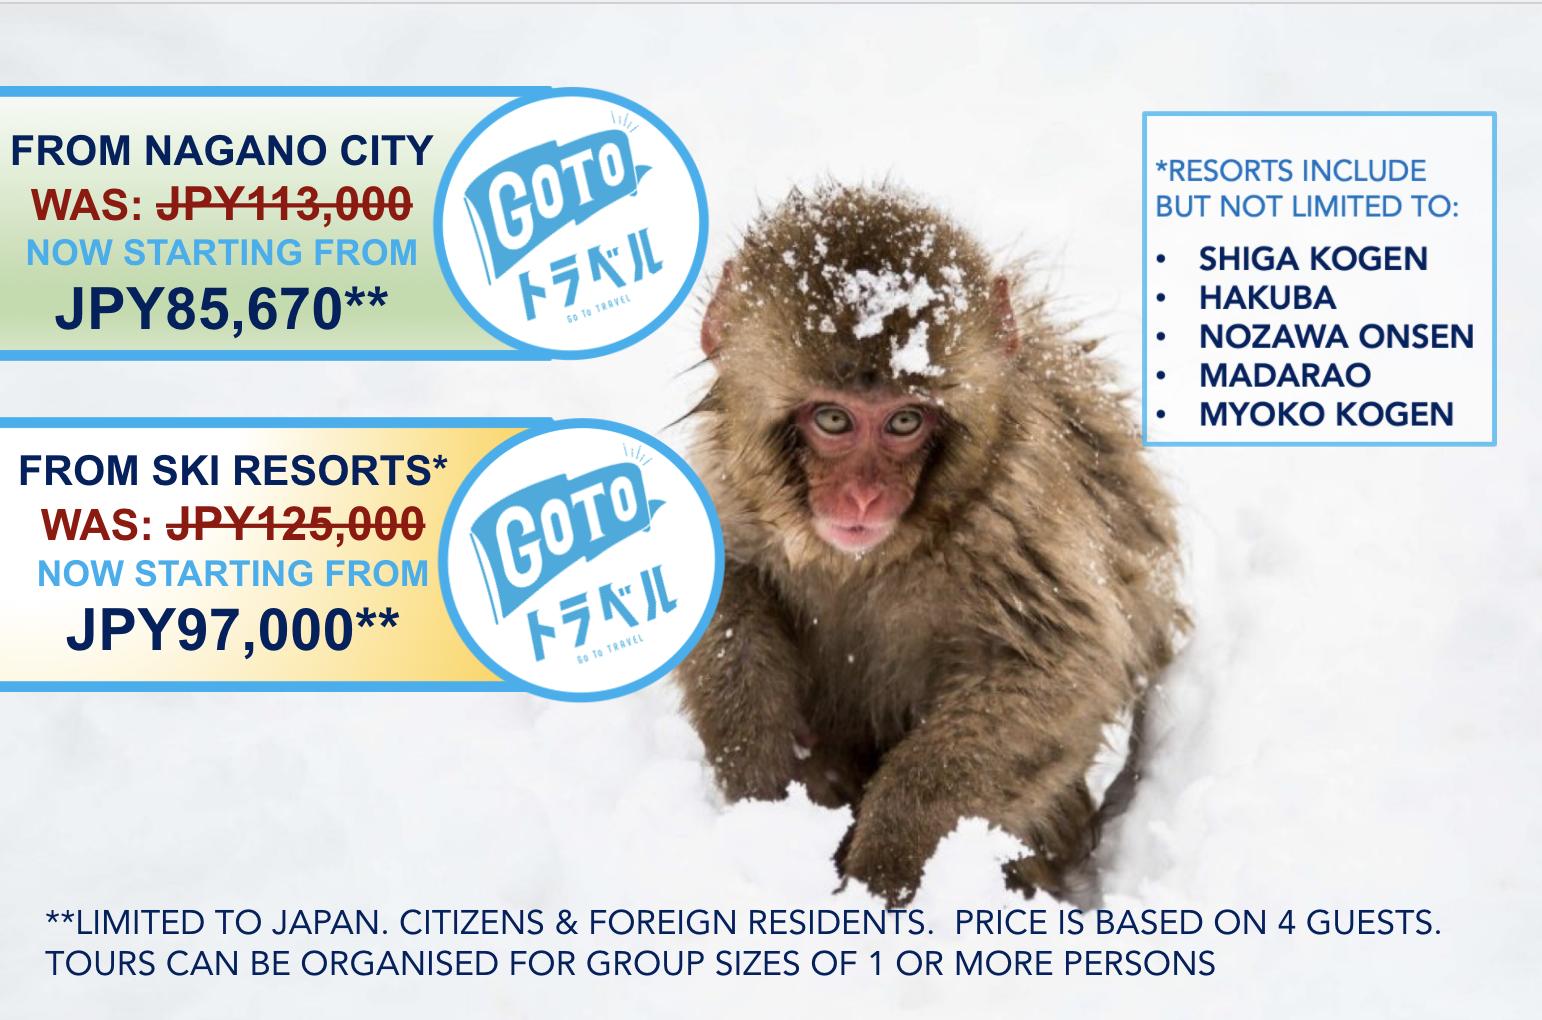 前往优惠活动:私人雪猴之旅